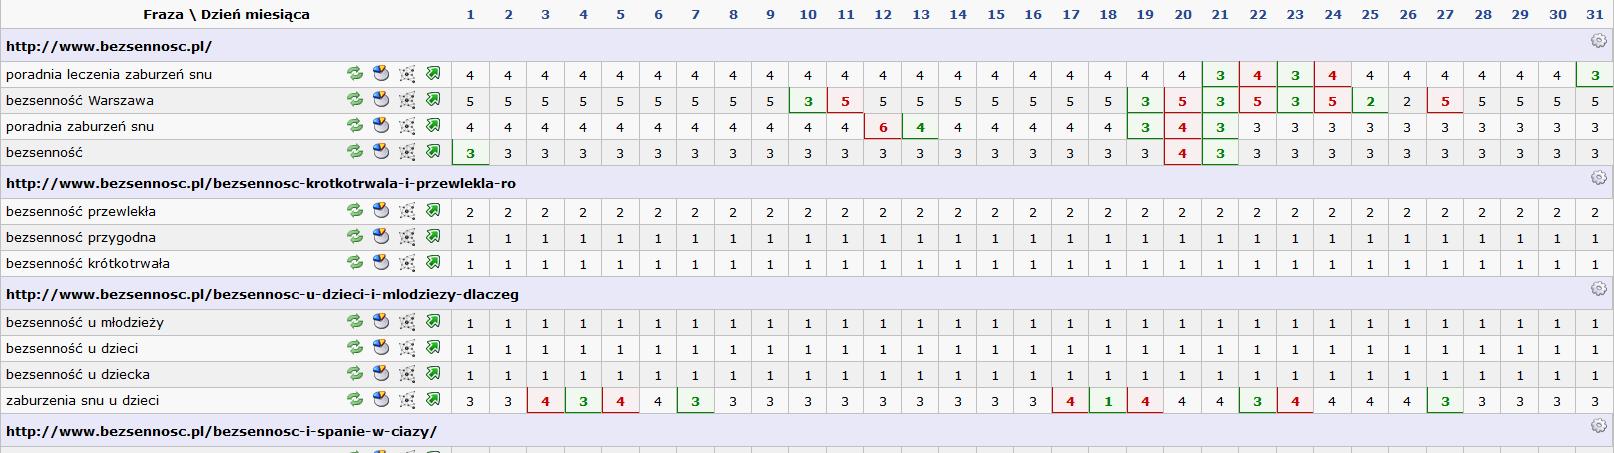 Wykres pozycji dla domeny bezsennosc.pl